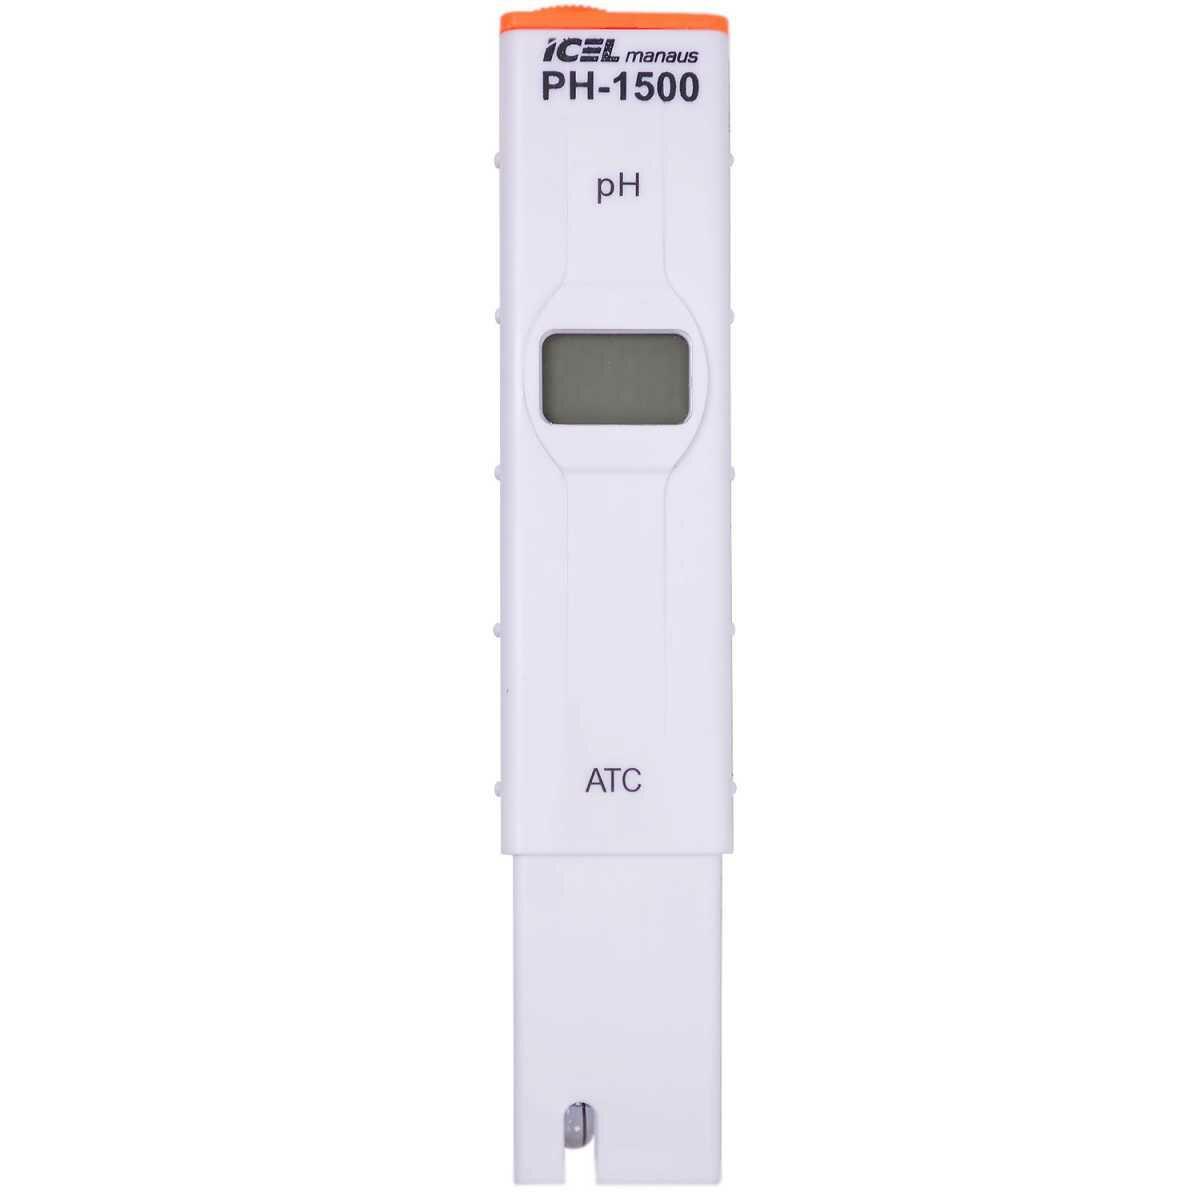 Medidor de Ph Digital Ph-1500 Icel